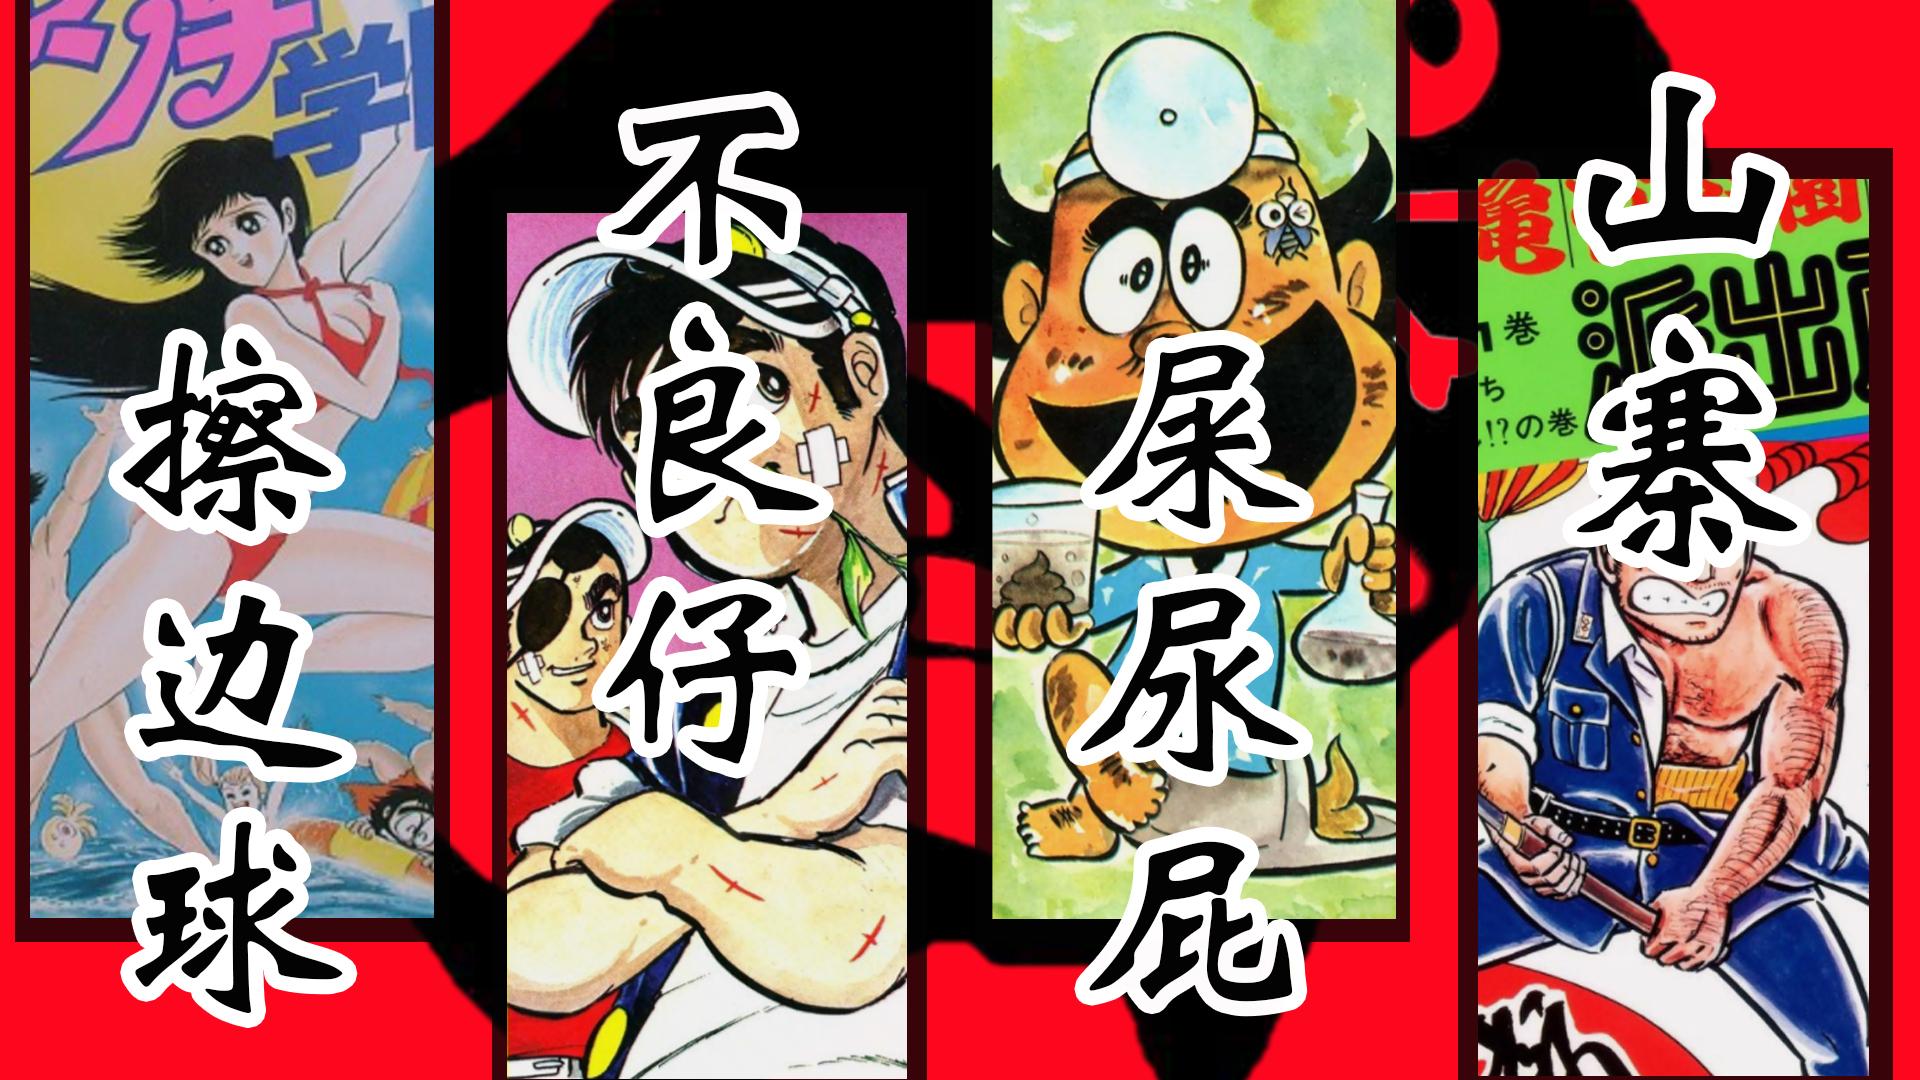 【浅析动漫史·8】王者Jump的黑历史